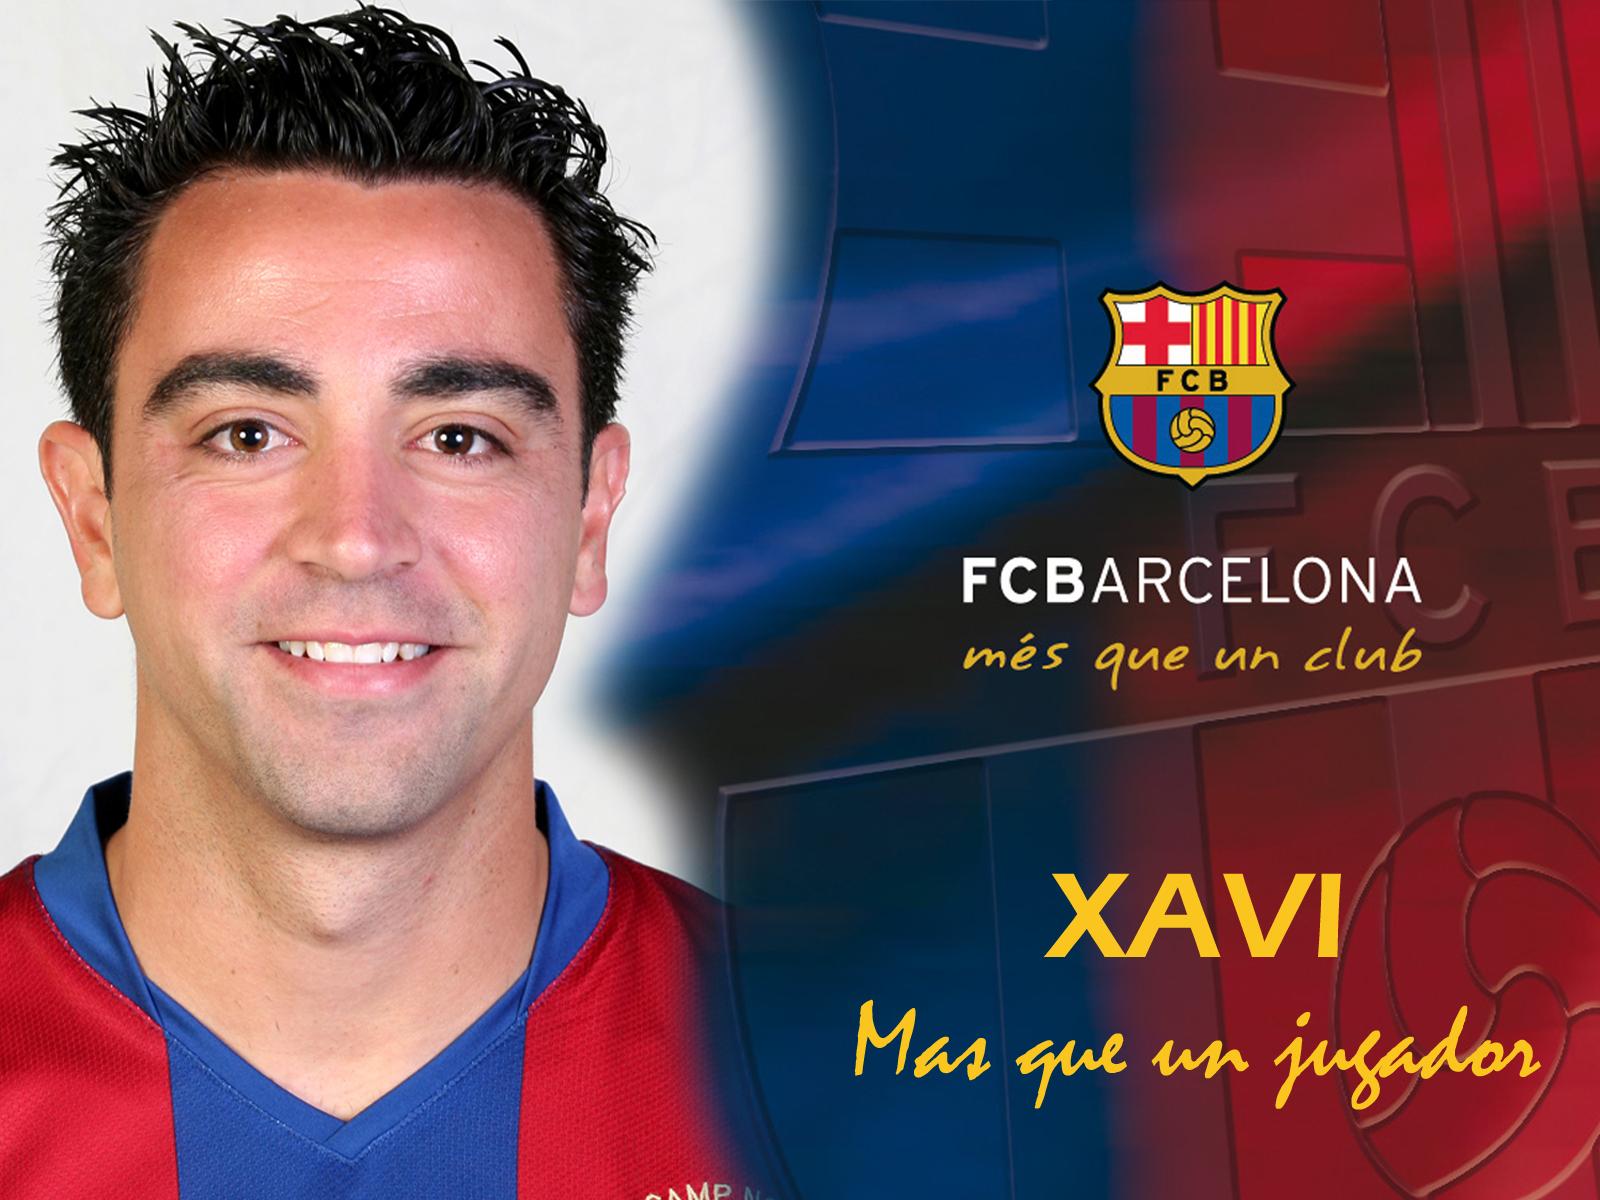 Barcelona-Xavi-Hernandez-HD-Wallpaper